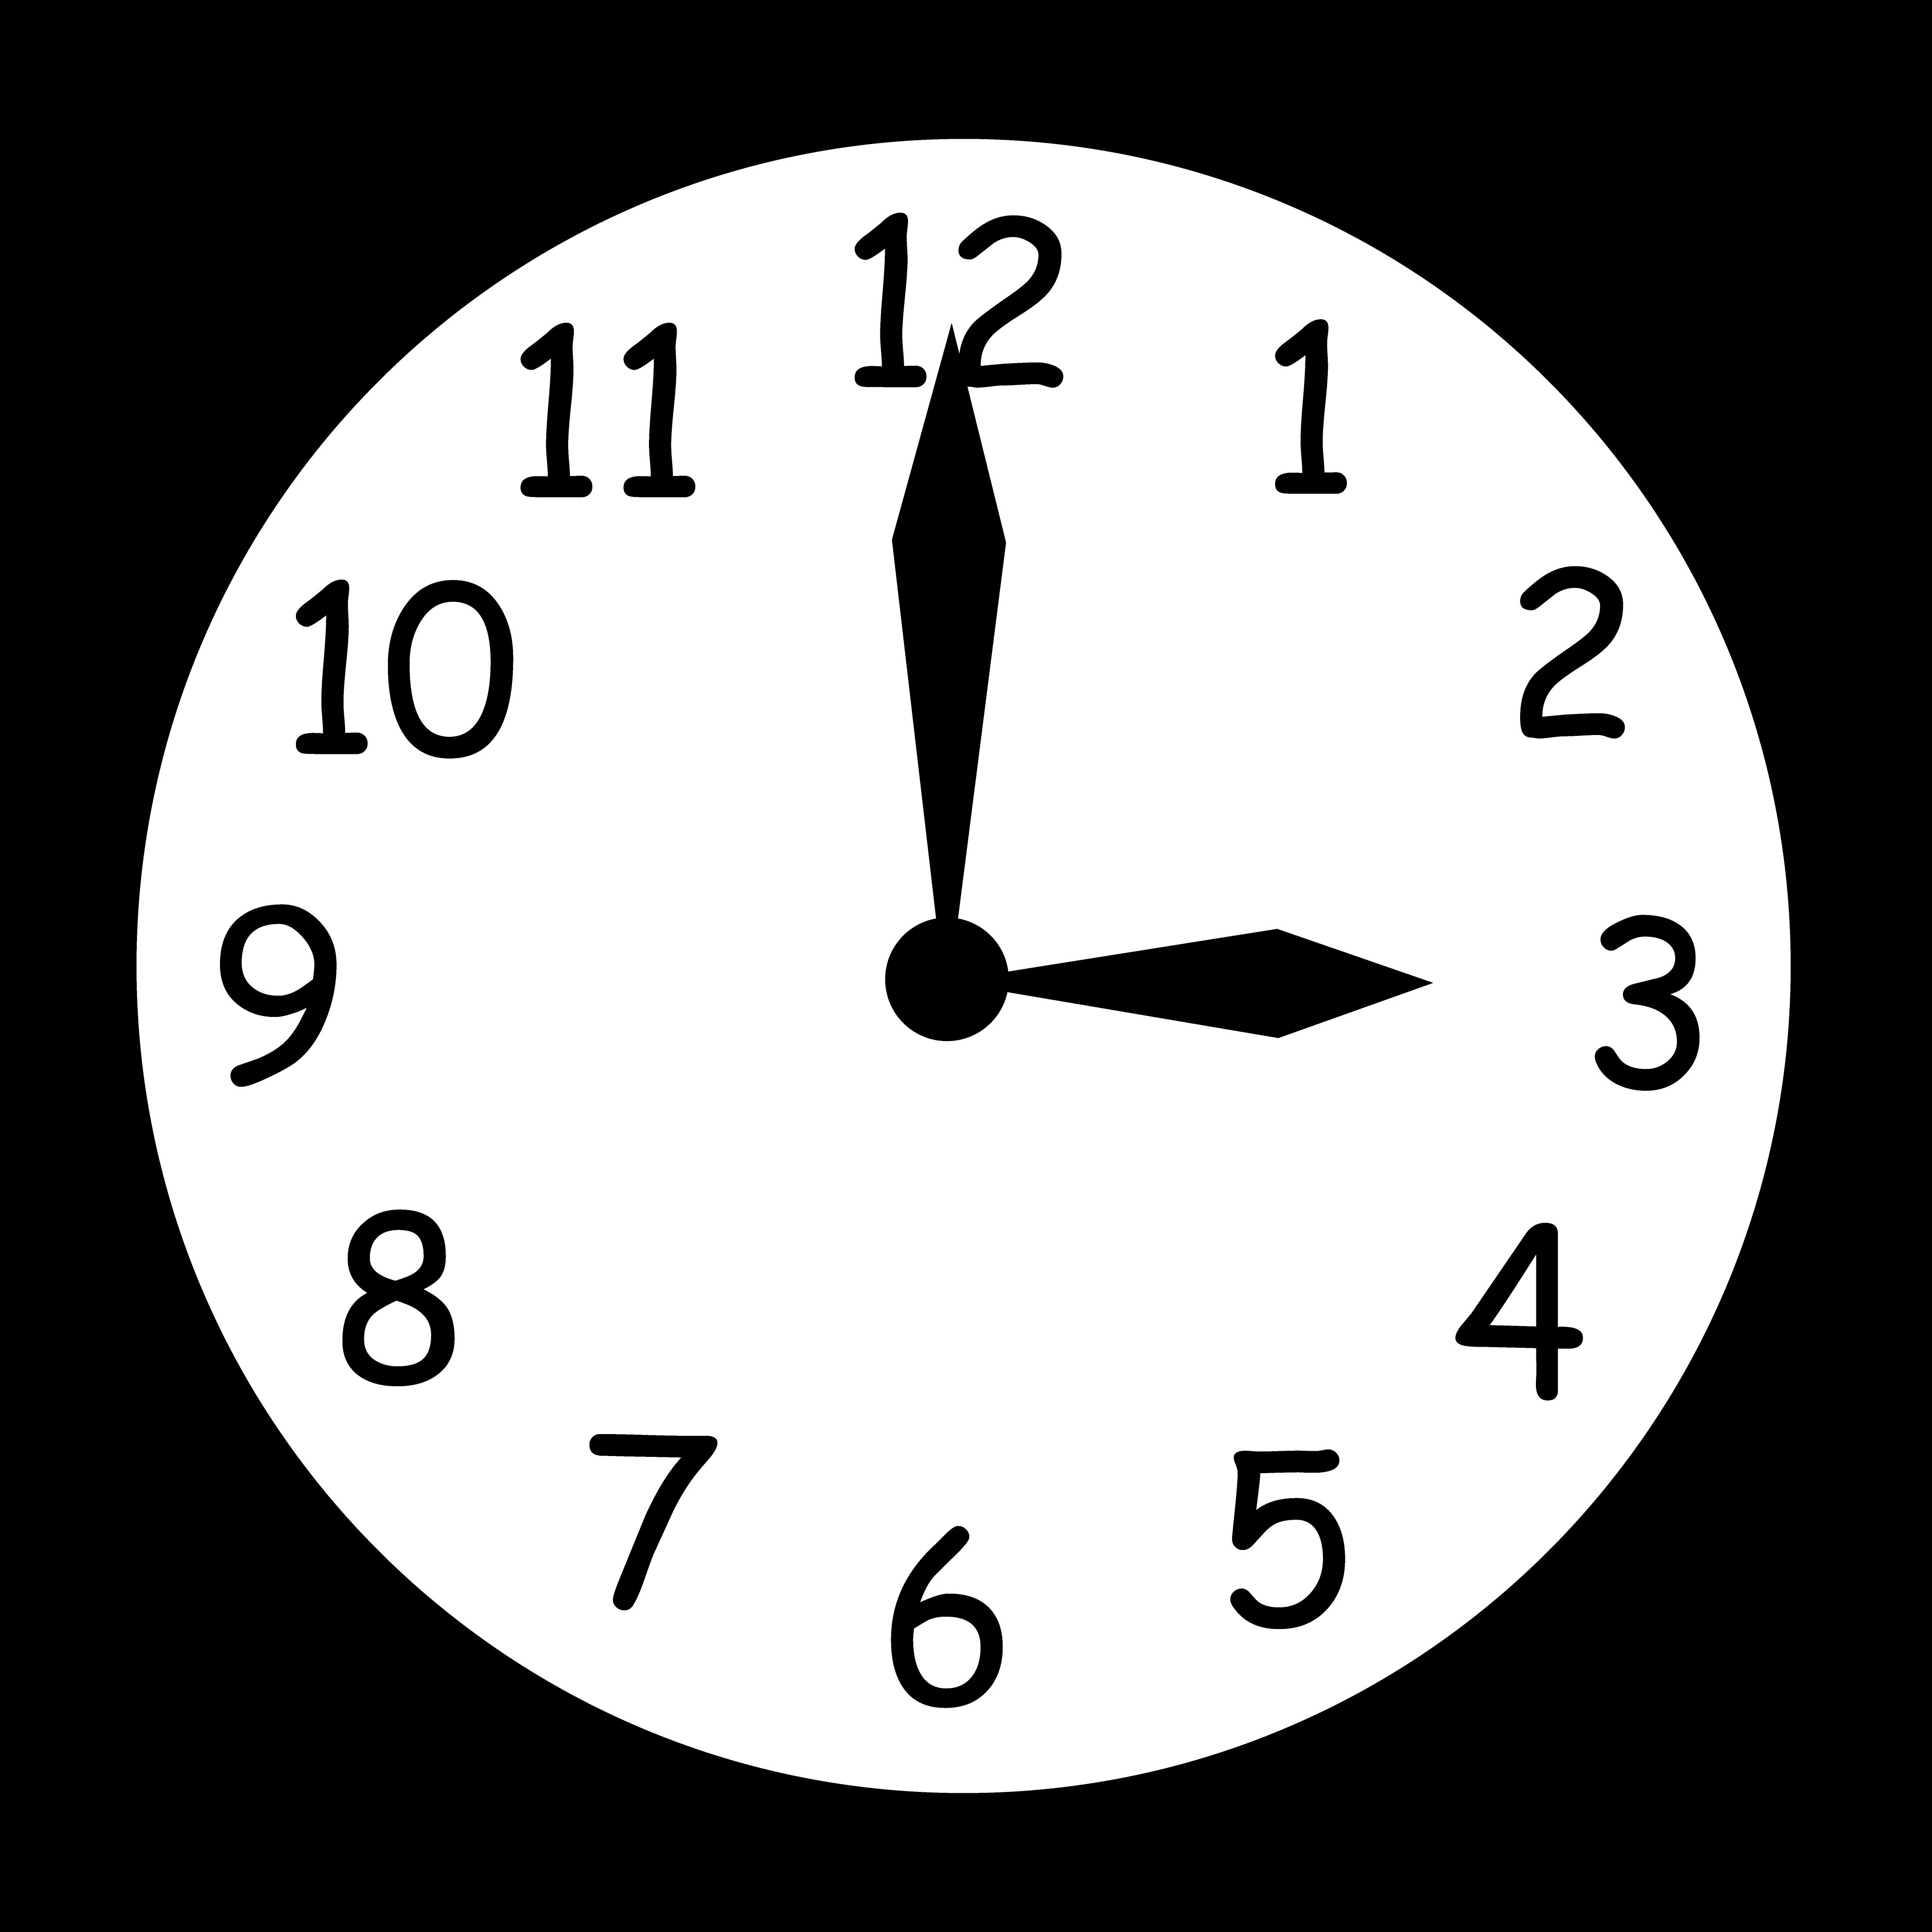 4400x4400 Wall Clock Striking Three